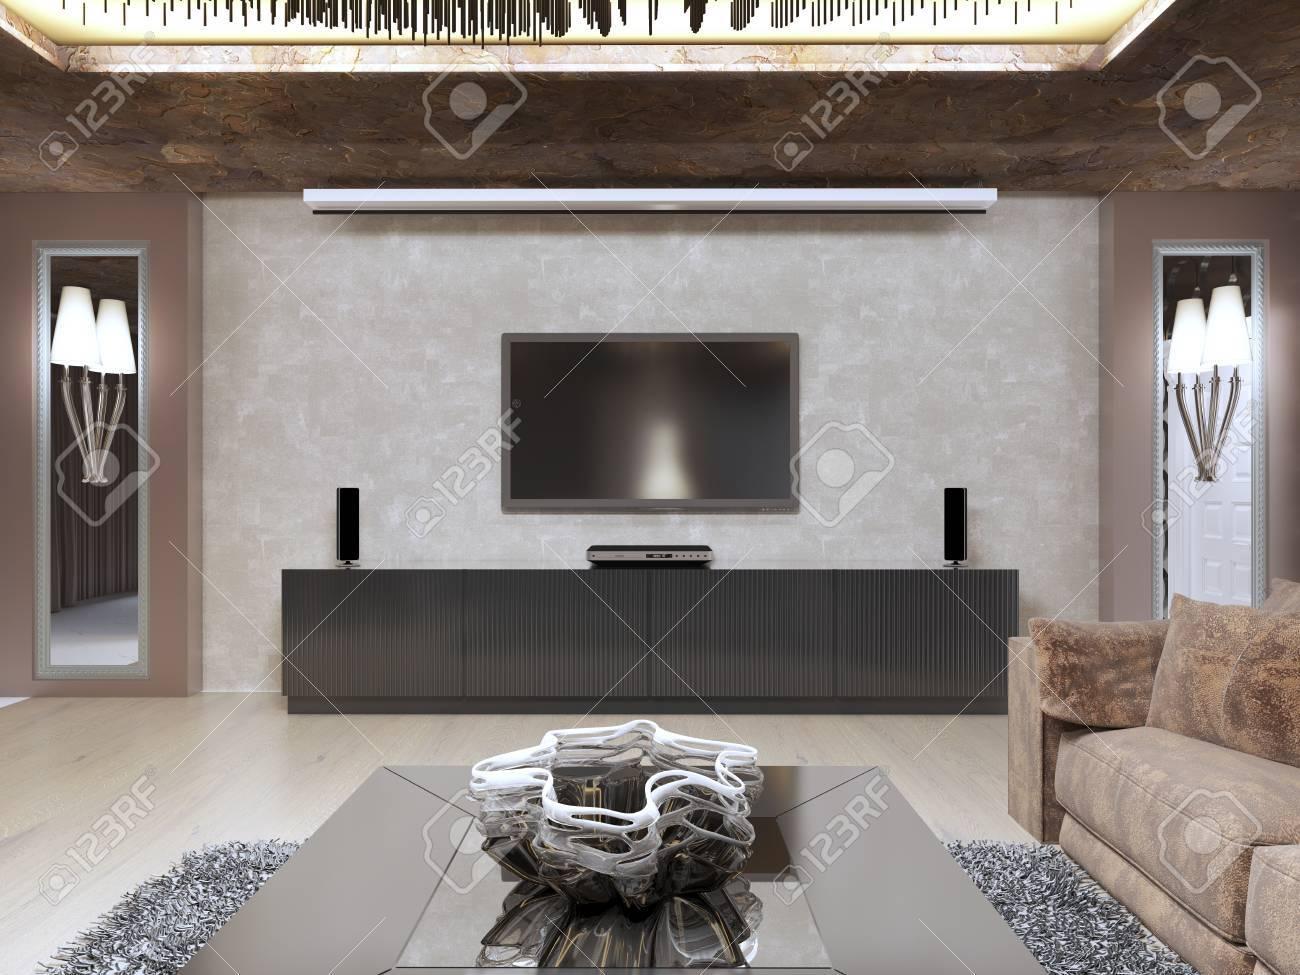 Unità TV In Soggiorno Di Lusso Progettato In Stile Moderno. Il ...